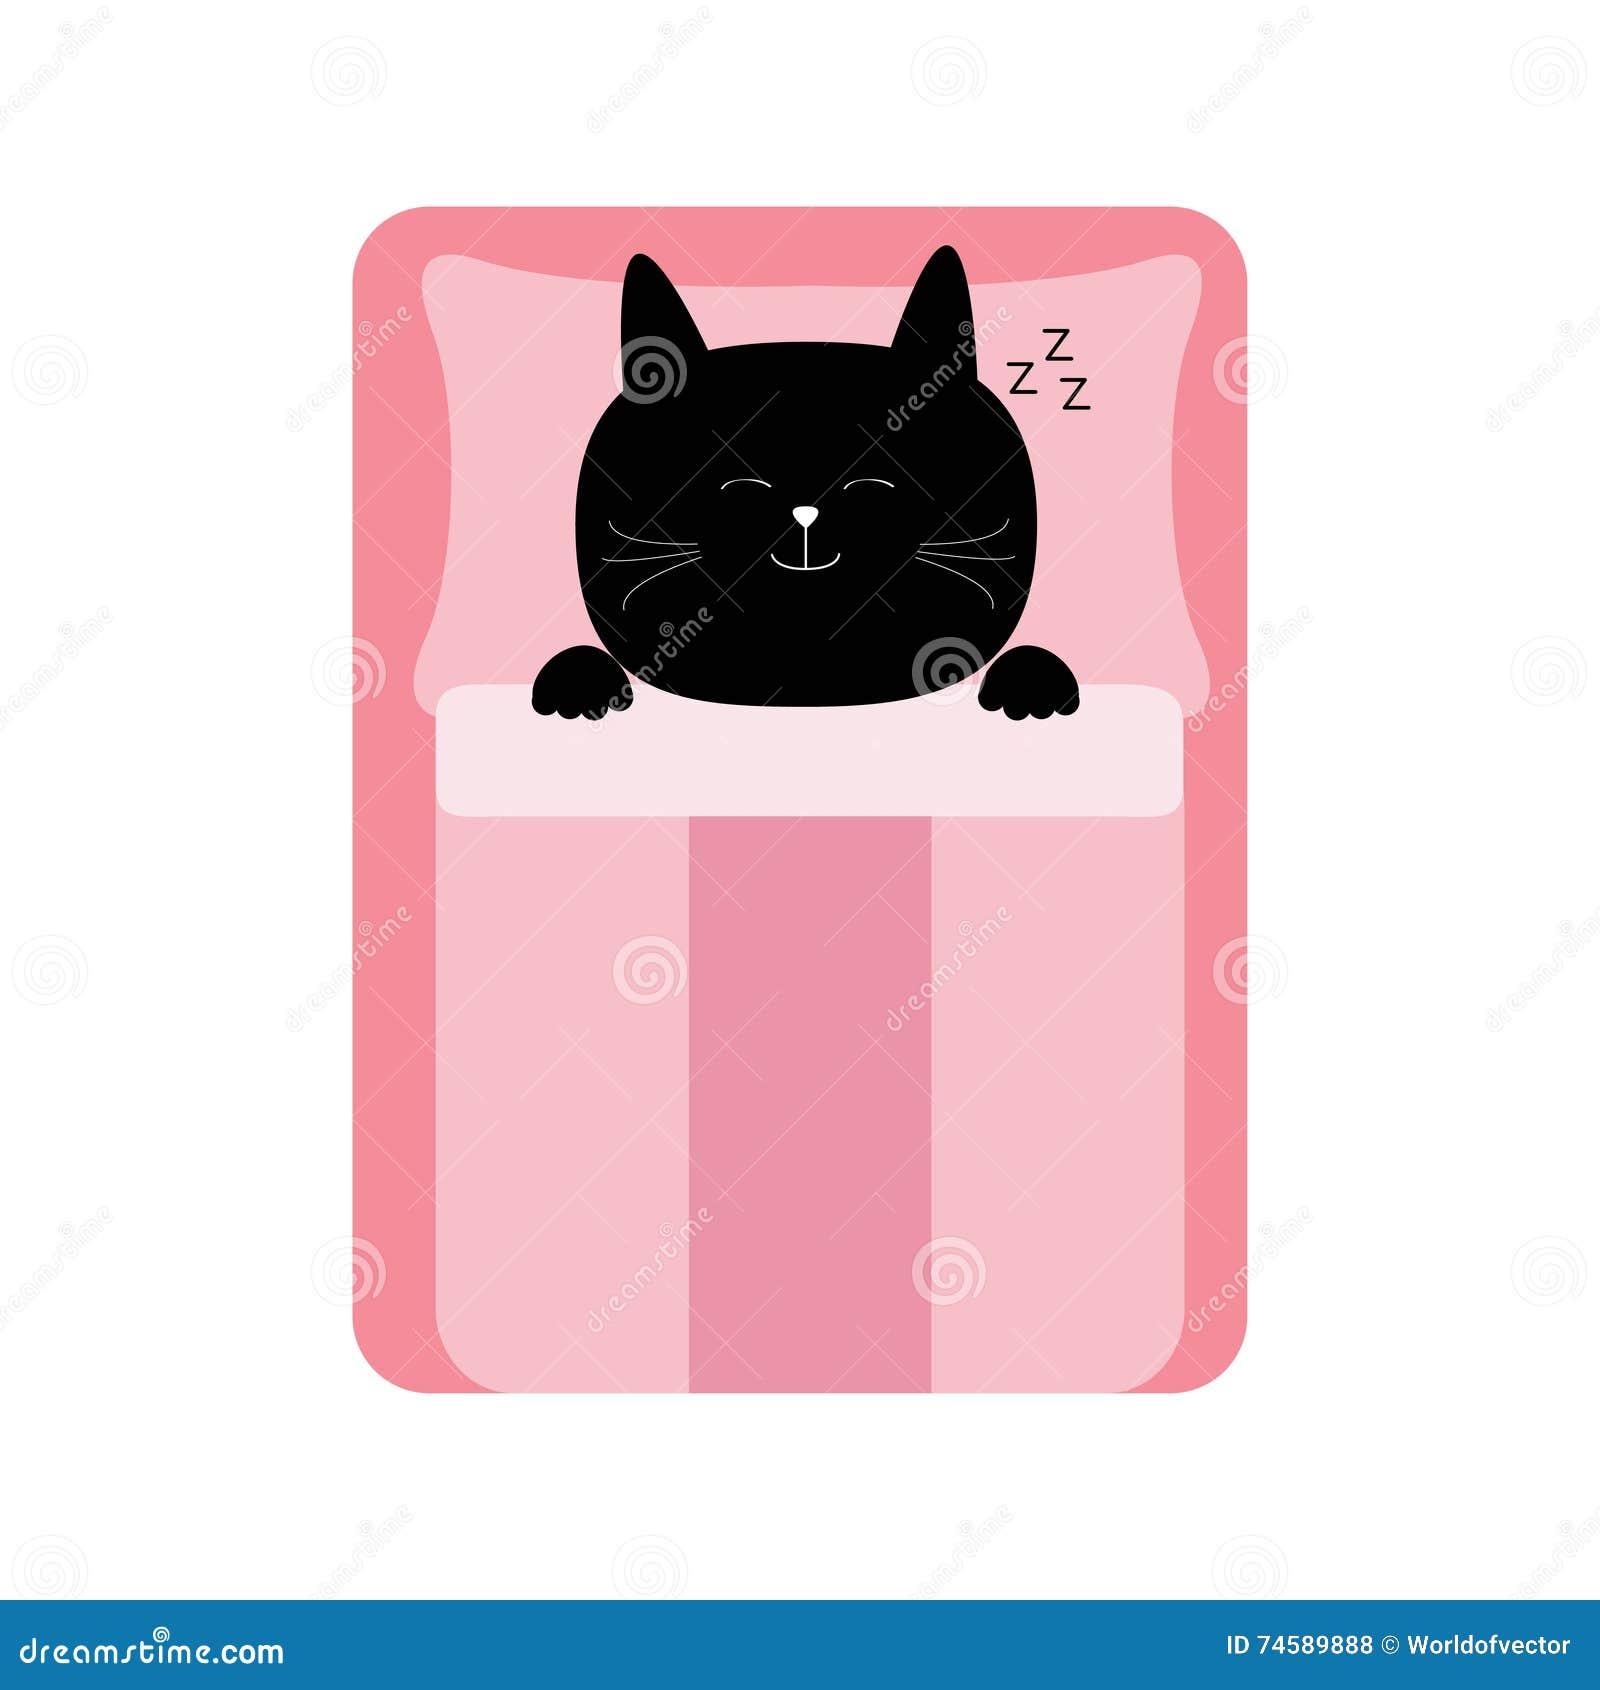 Cartoon Little Baby In Bed With Cat Cartoon Vector